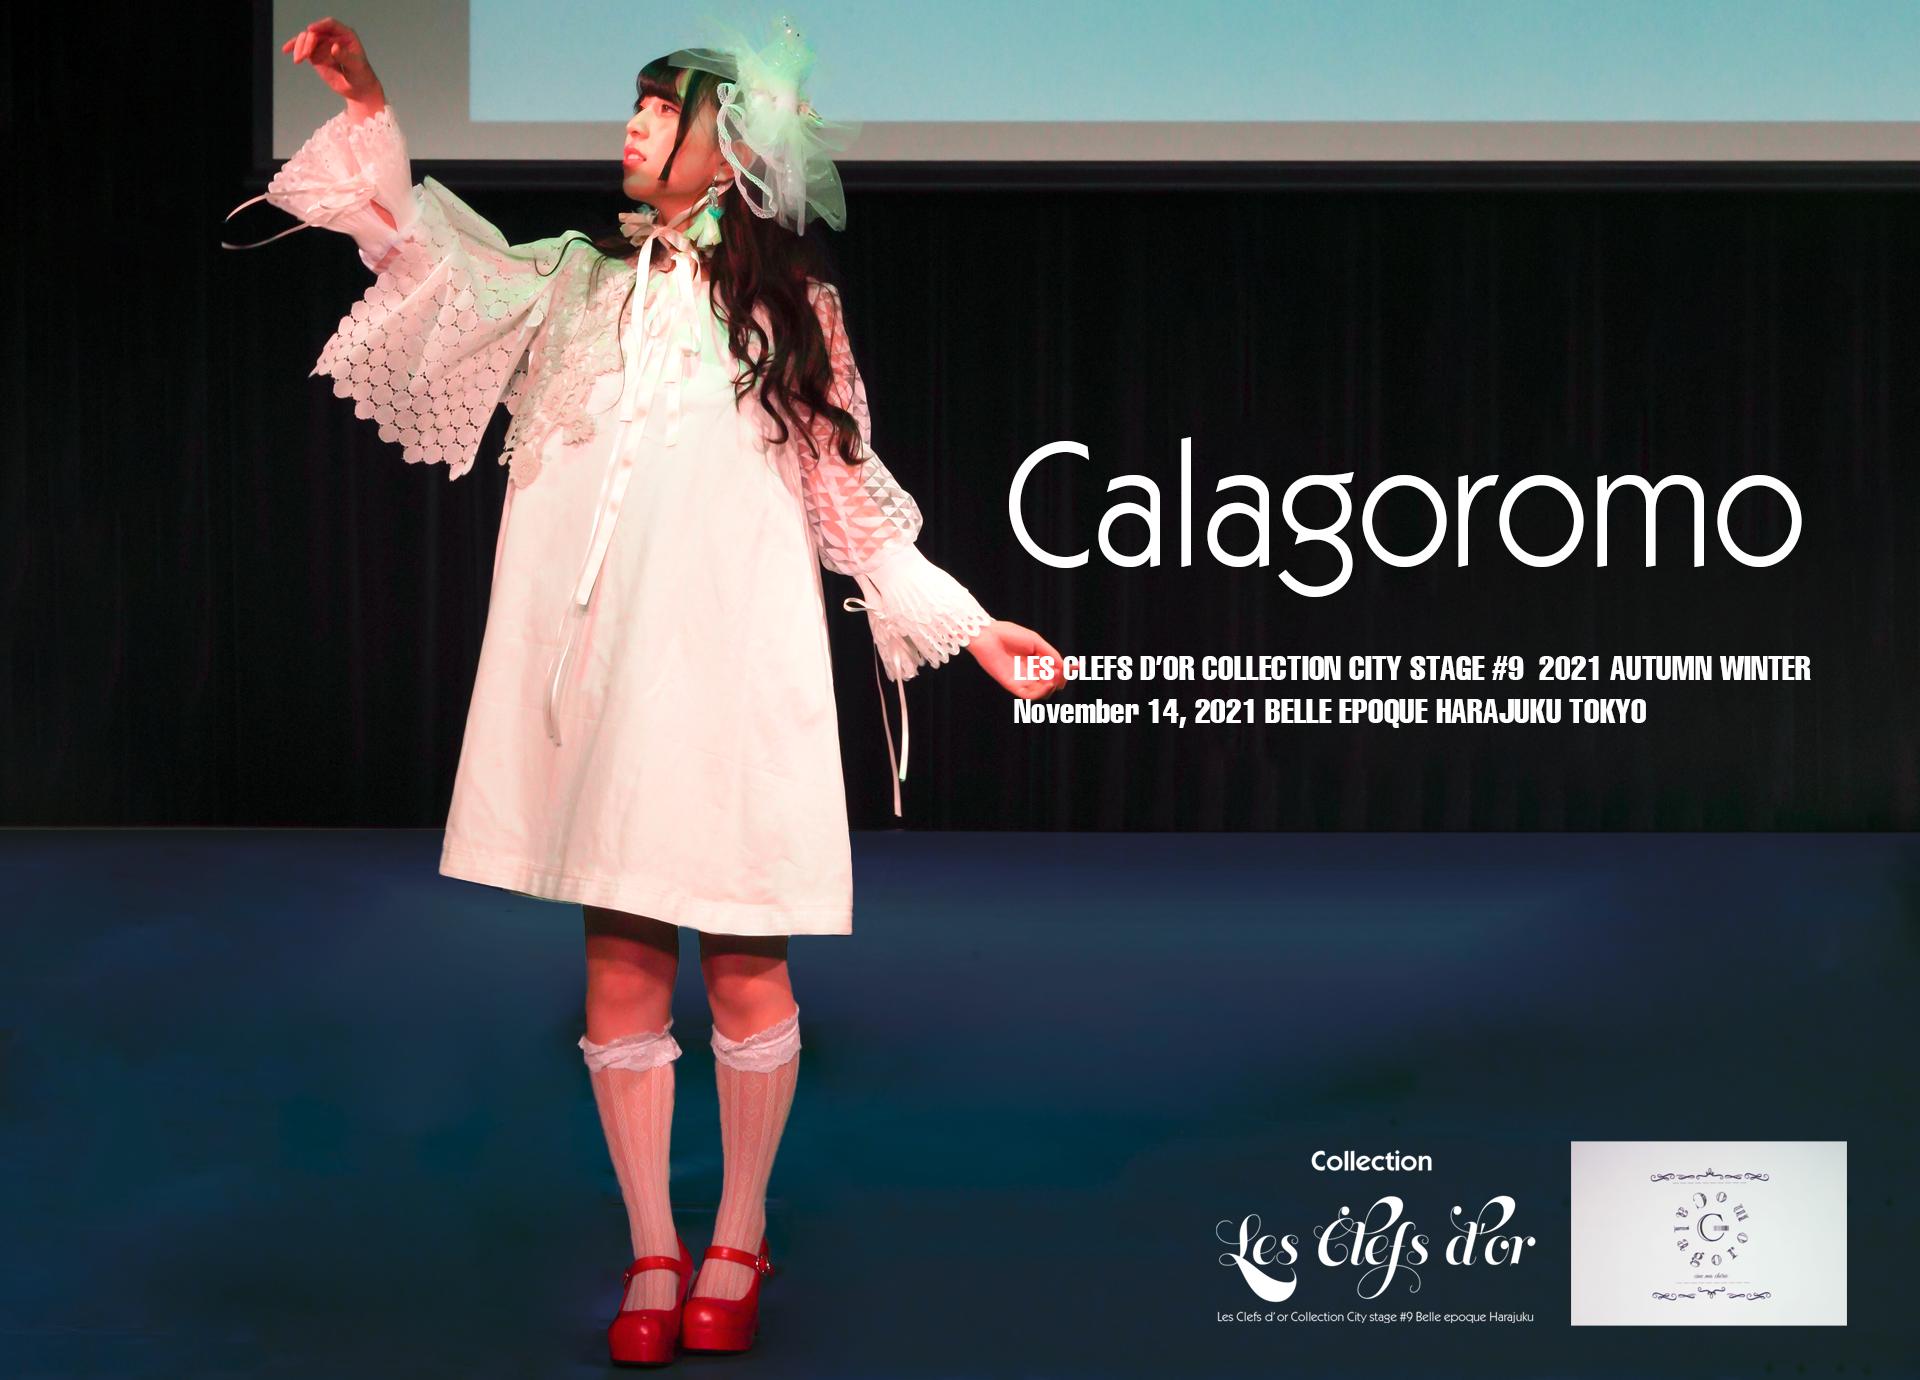 Calagoromo